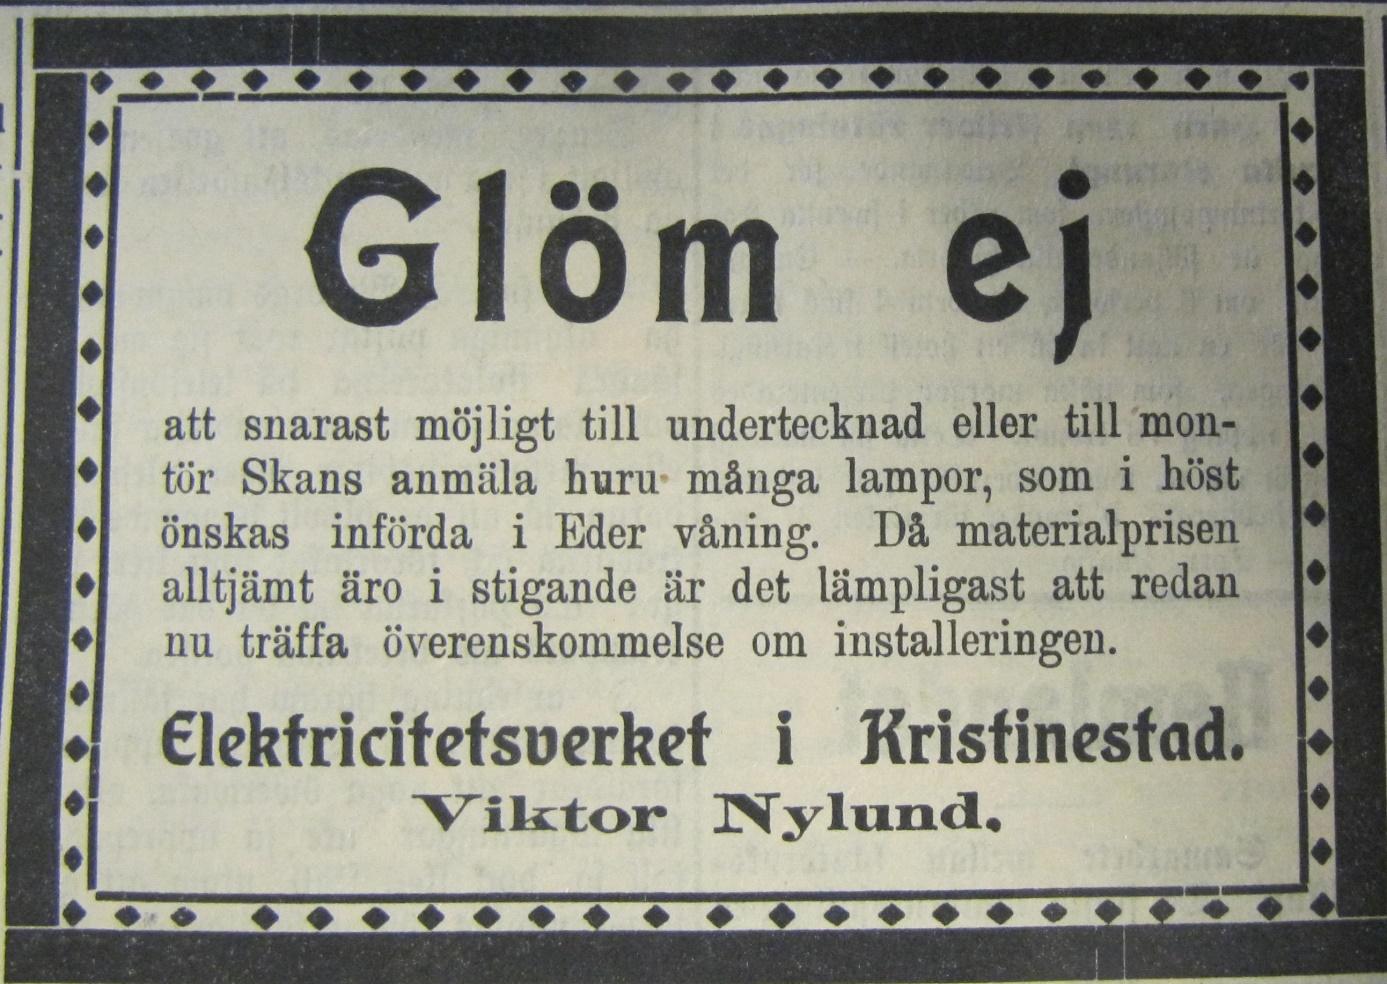 Direkt efter att Viktor hade övertagit stadens elverk Lumen annonserade han i Sydin på detta sätt. Han var också snabb med att göra ett avtal om elleverans med staden Kristinestad.